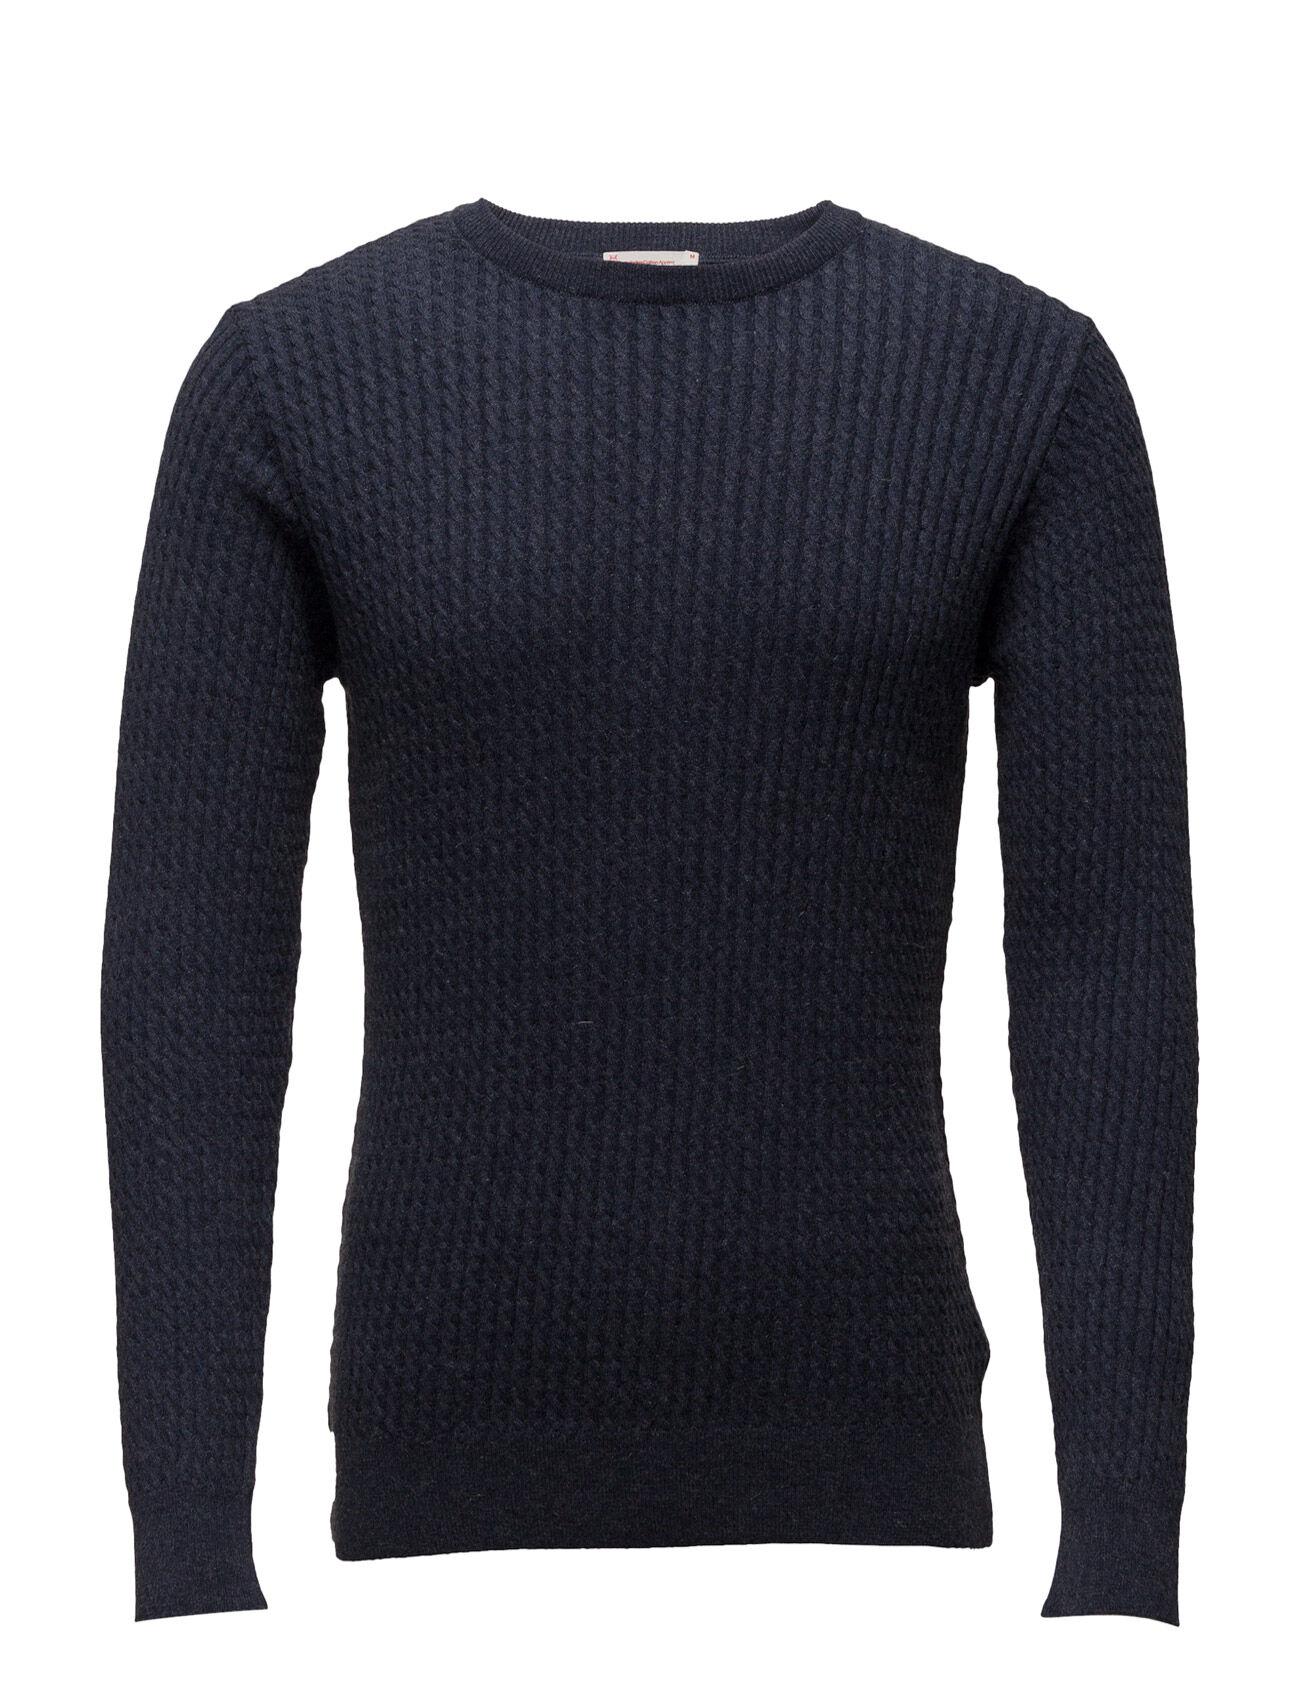 Knowledge Cotton Apparel Cotton/Cashmere Cable Knit - Gots